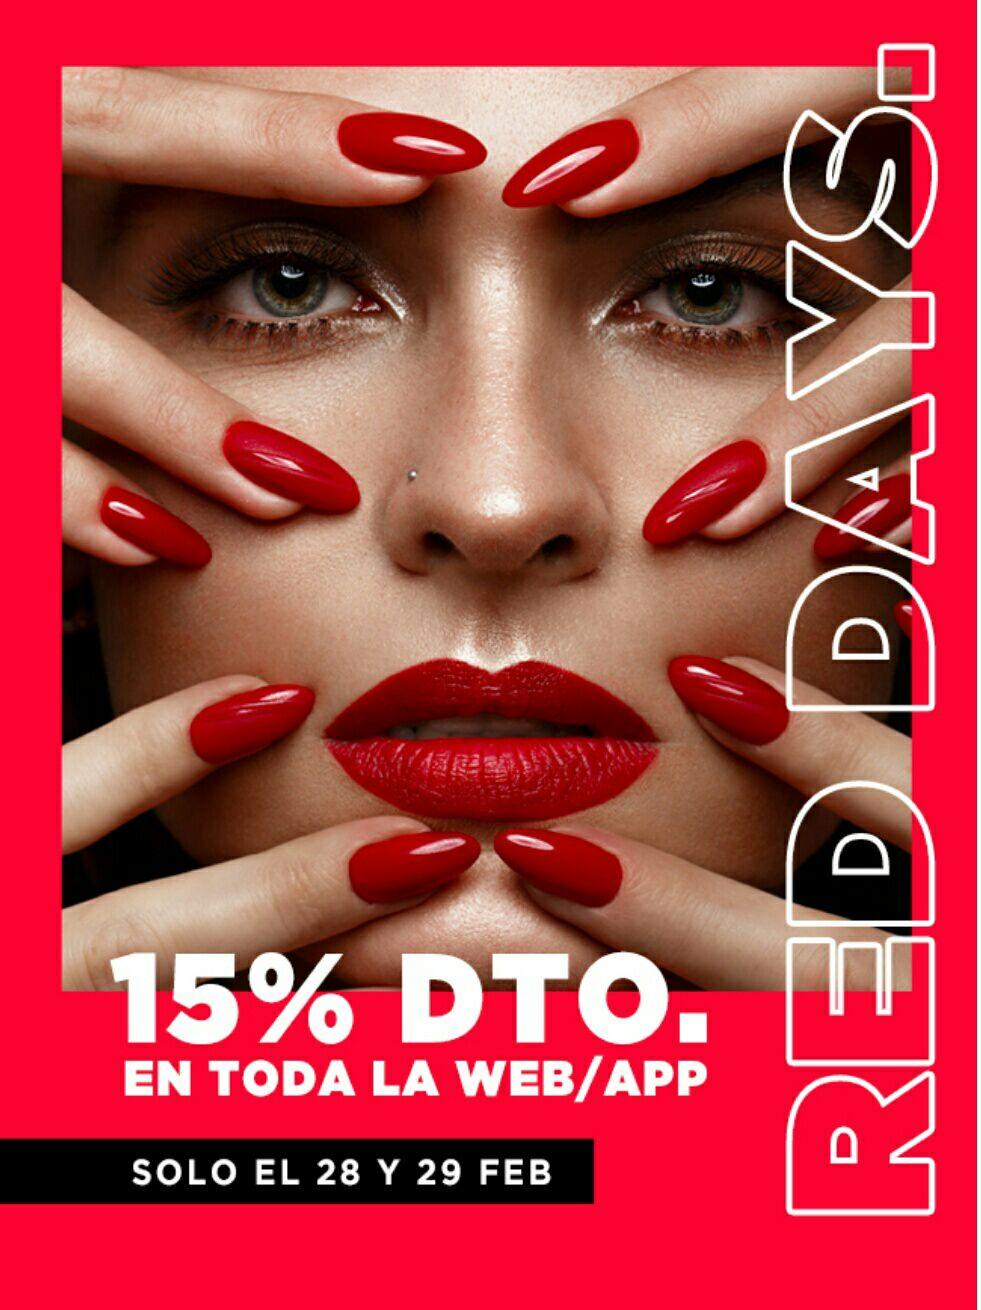 15% de descuento en toda la web y app de primor